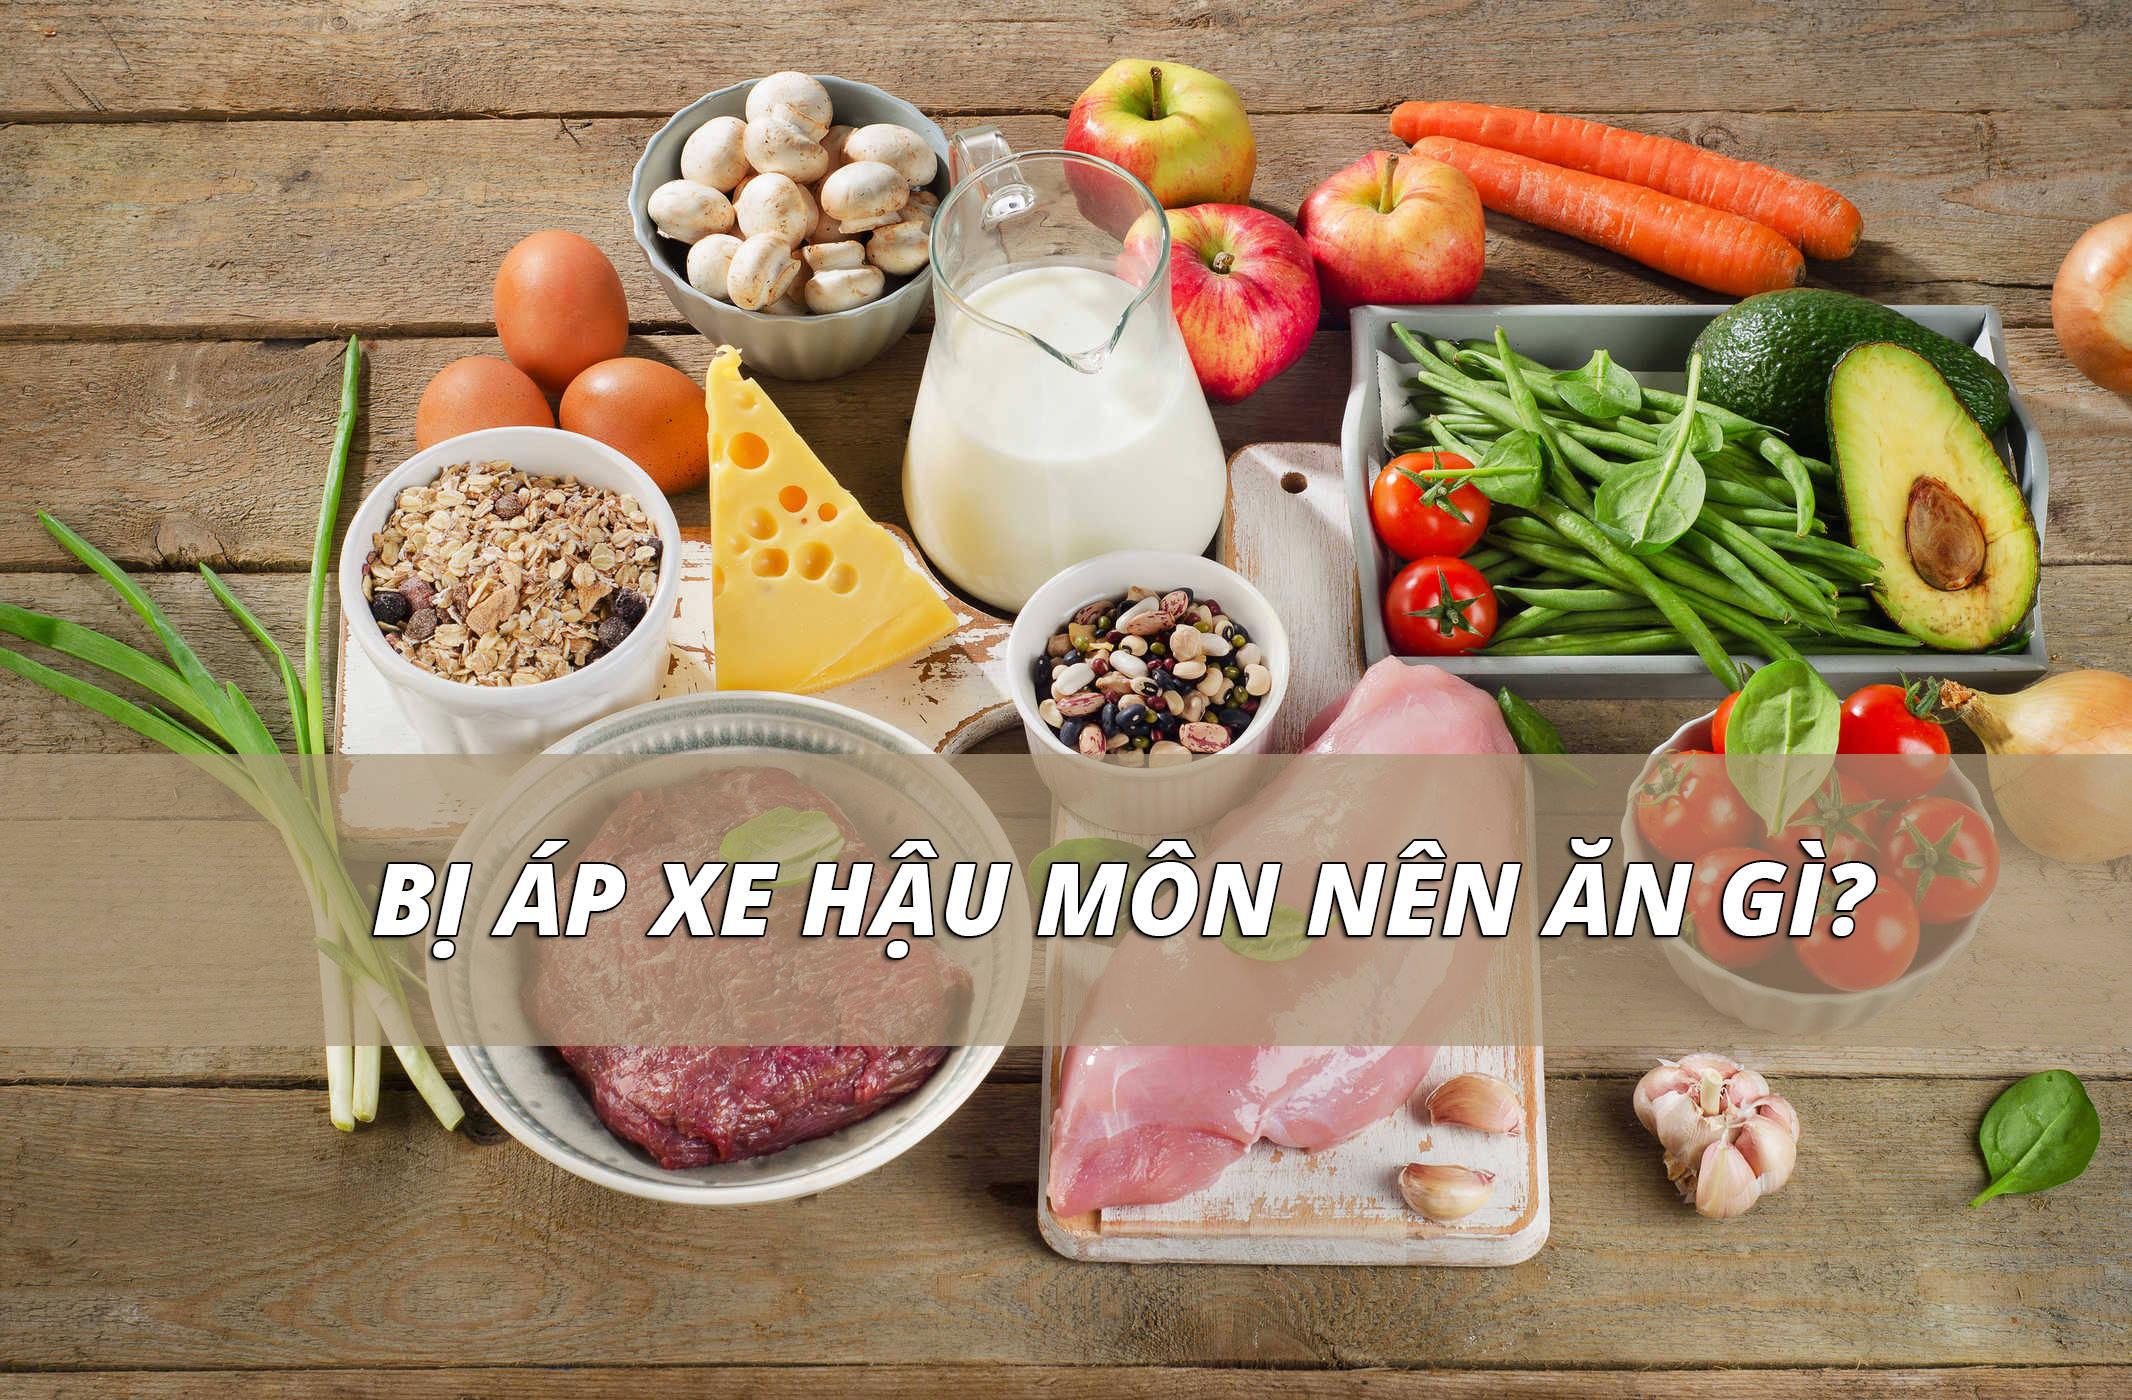 Bị áp xe hậu môn nên ăn gì: 6 loại thực phẩm cho người áp xe hậu môn